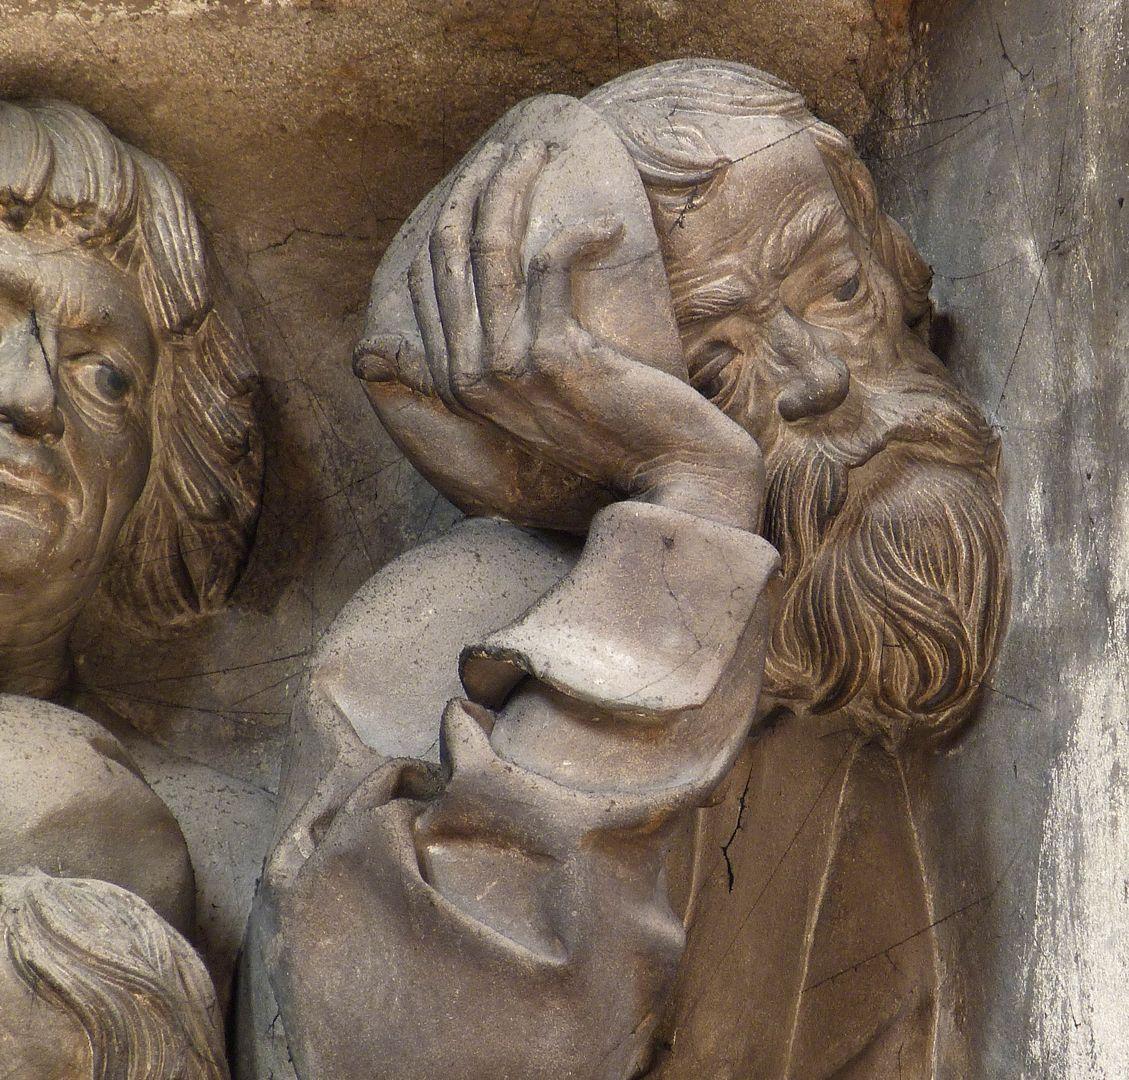 Volckamersche Gedächtnisstiftung, Reliefplatten Letztes Abendmahl, Judas, Detail